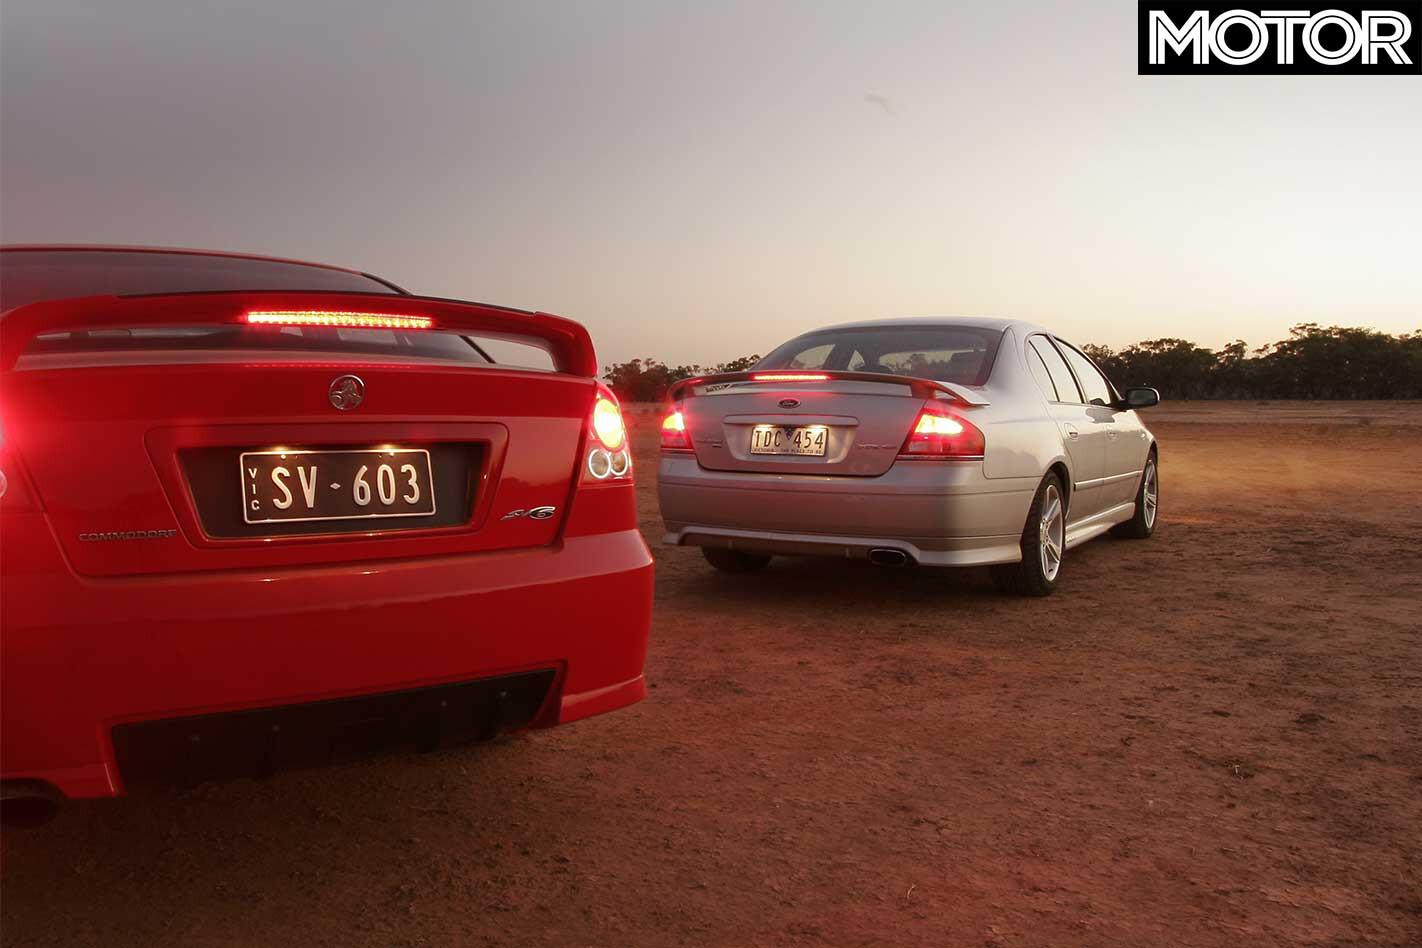 Holden Commodore SV 6 Vs Ford Falcon XR 6 Comparison Rear Jpg